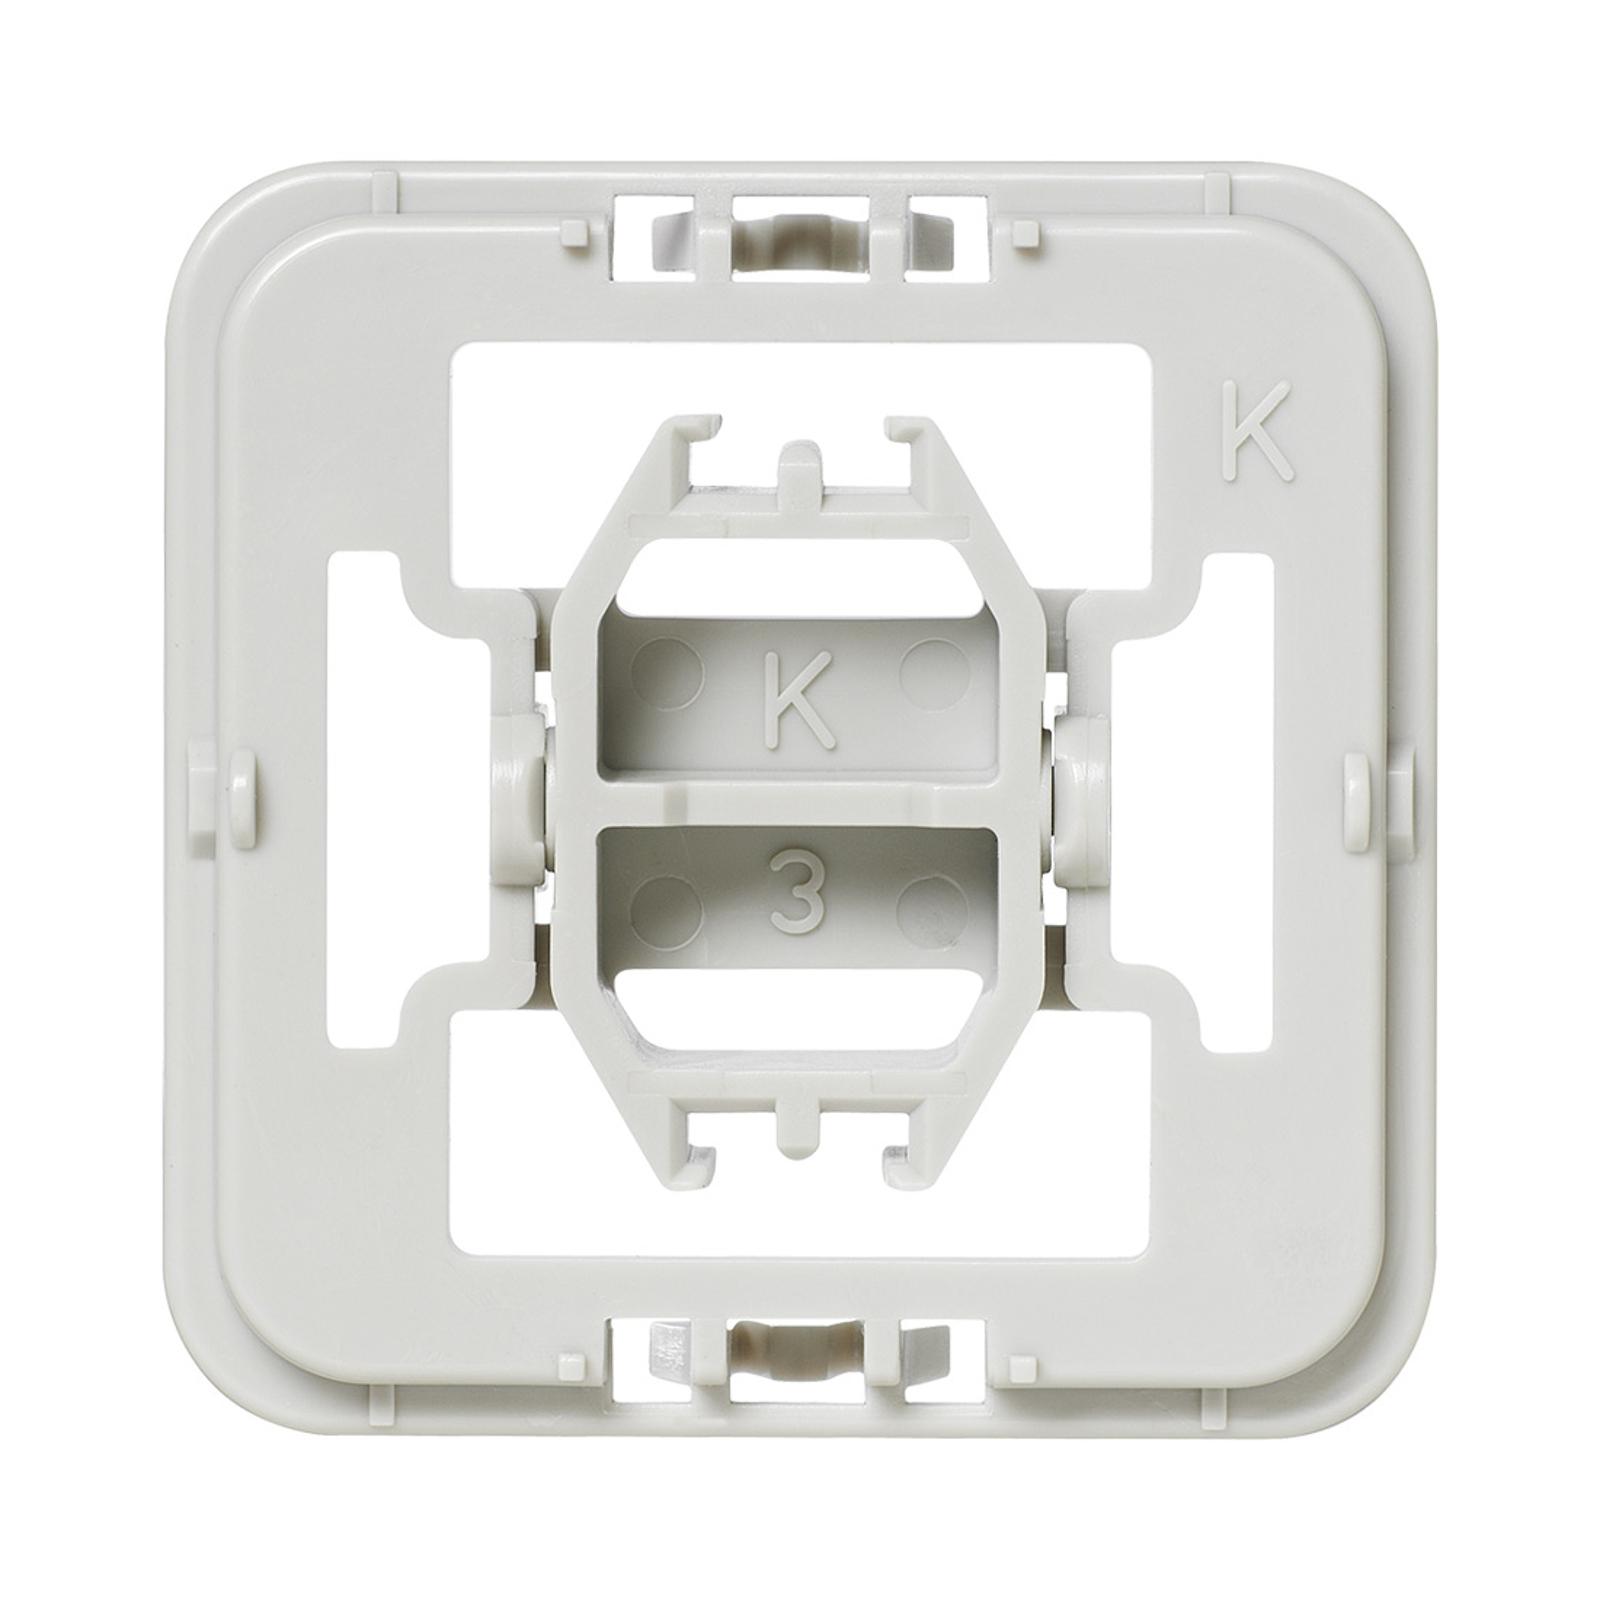 Homematic IP adaptateur interrupteurs Kopp 20x